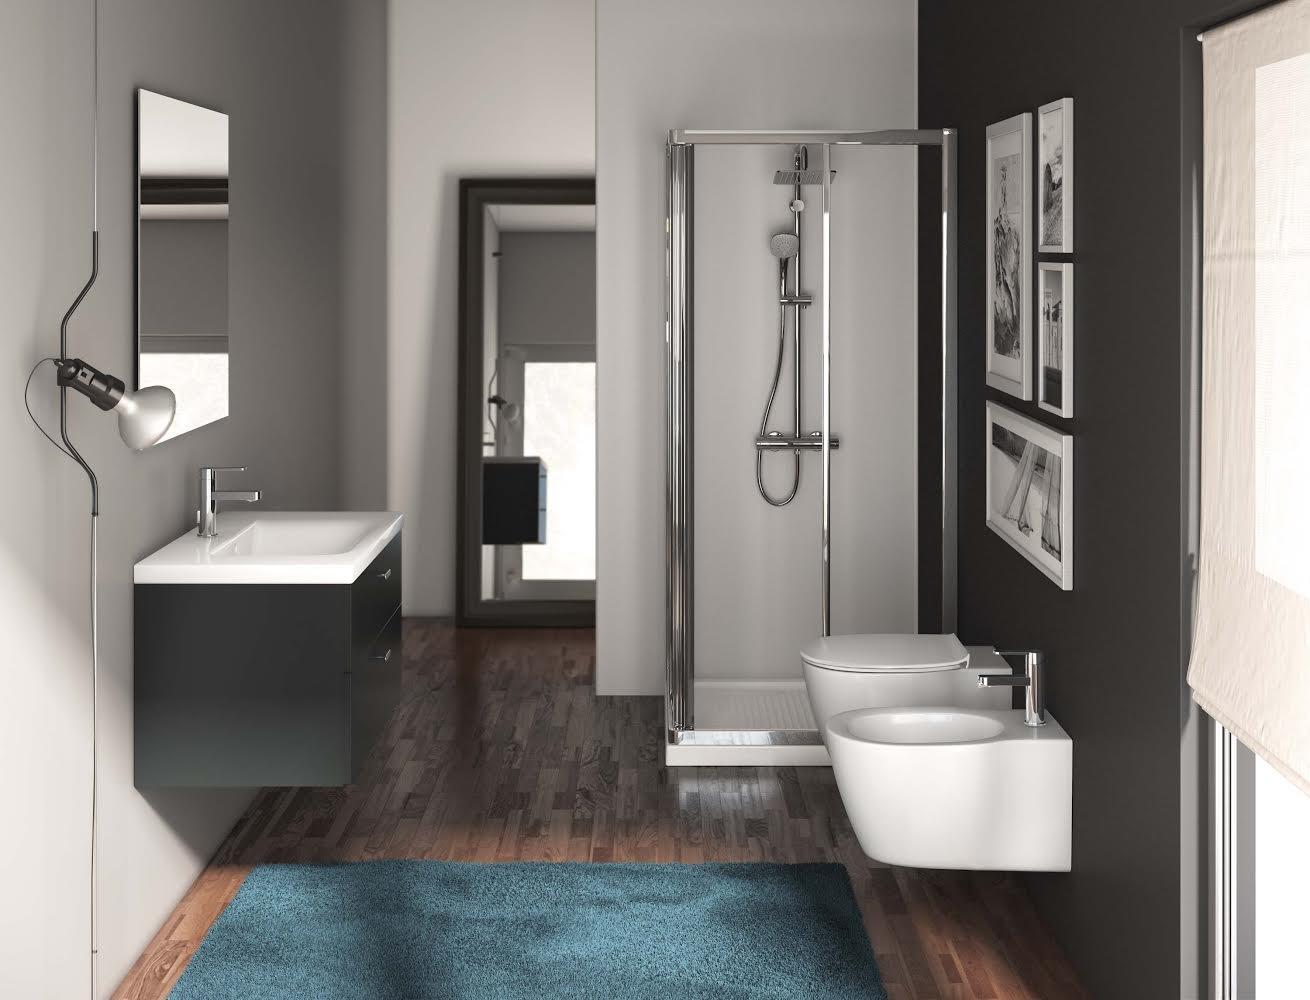 Da ideal standard le soluzioni bagno per tutte le esigenze cose di casa - Box doccia misure standard ...